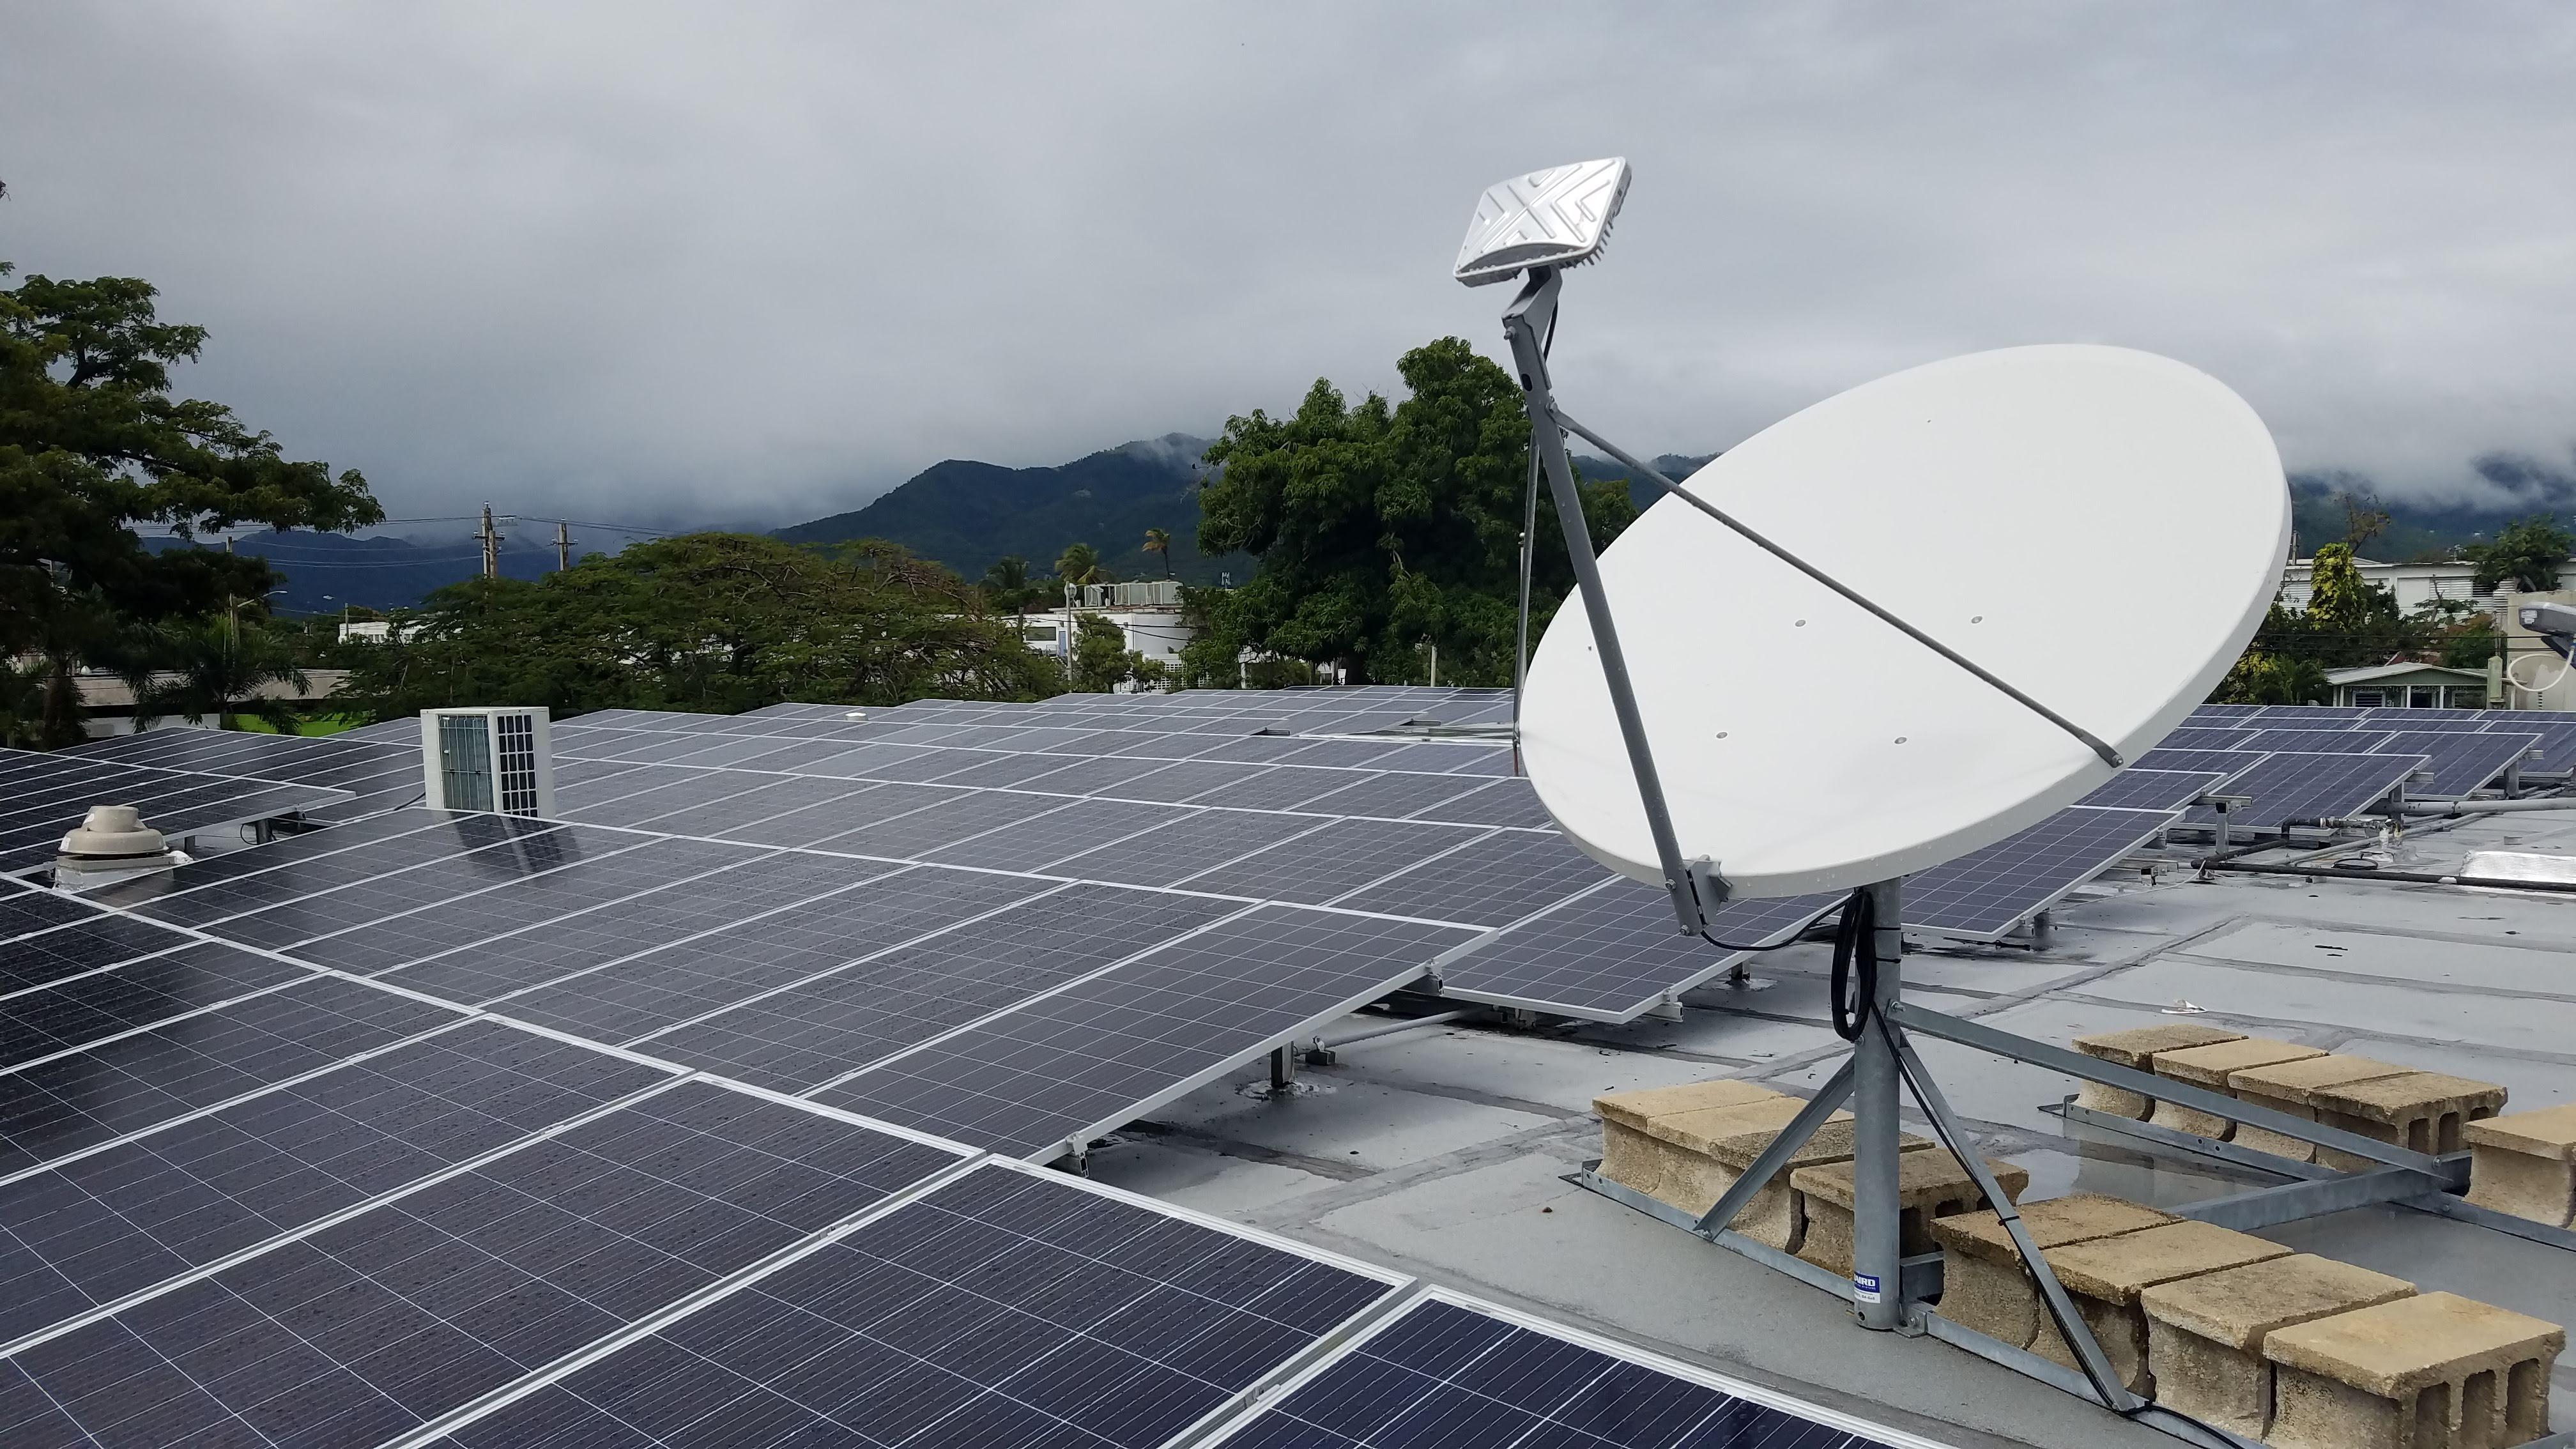 Está previsto que el sistema de energía solar y batería financiado por Direct Relief se ponga en marcha en el Centro de Salud Familiar en Arroyo, Puerto Rico durante la Temporada de Huracanes 2019 (Anna Carla Lopez-Carr/Direct Relief)